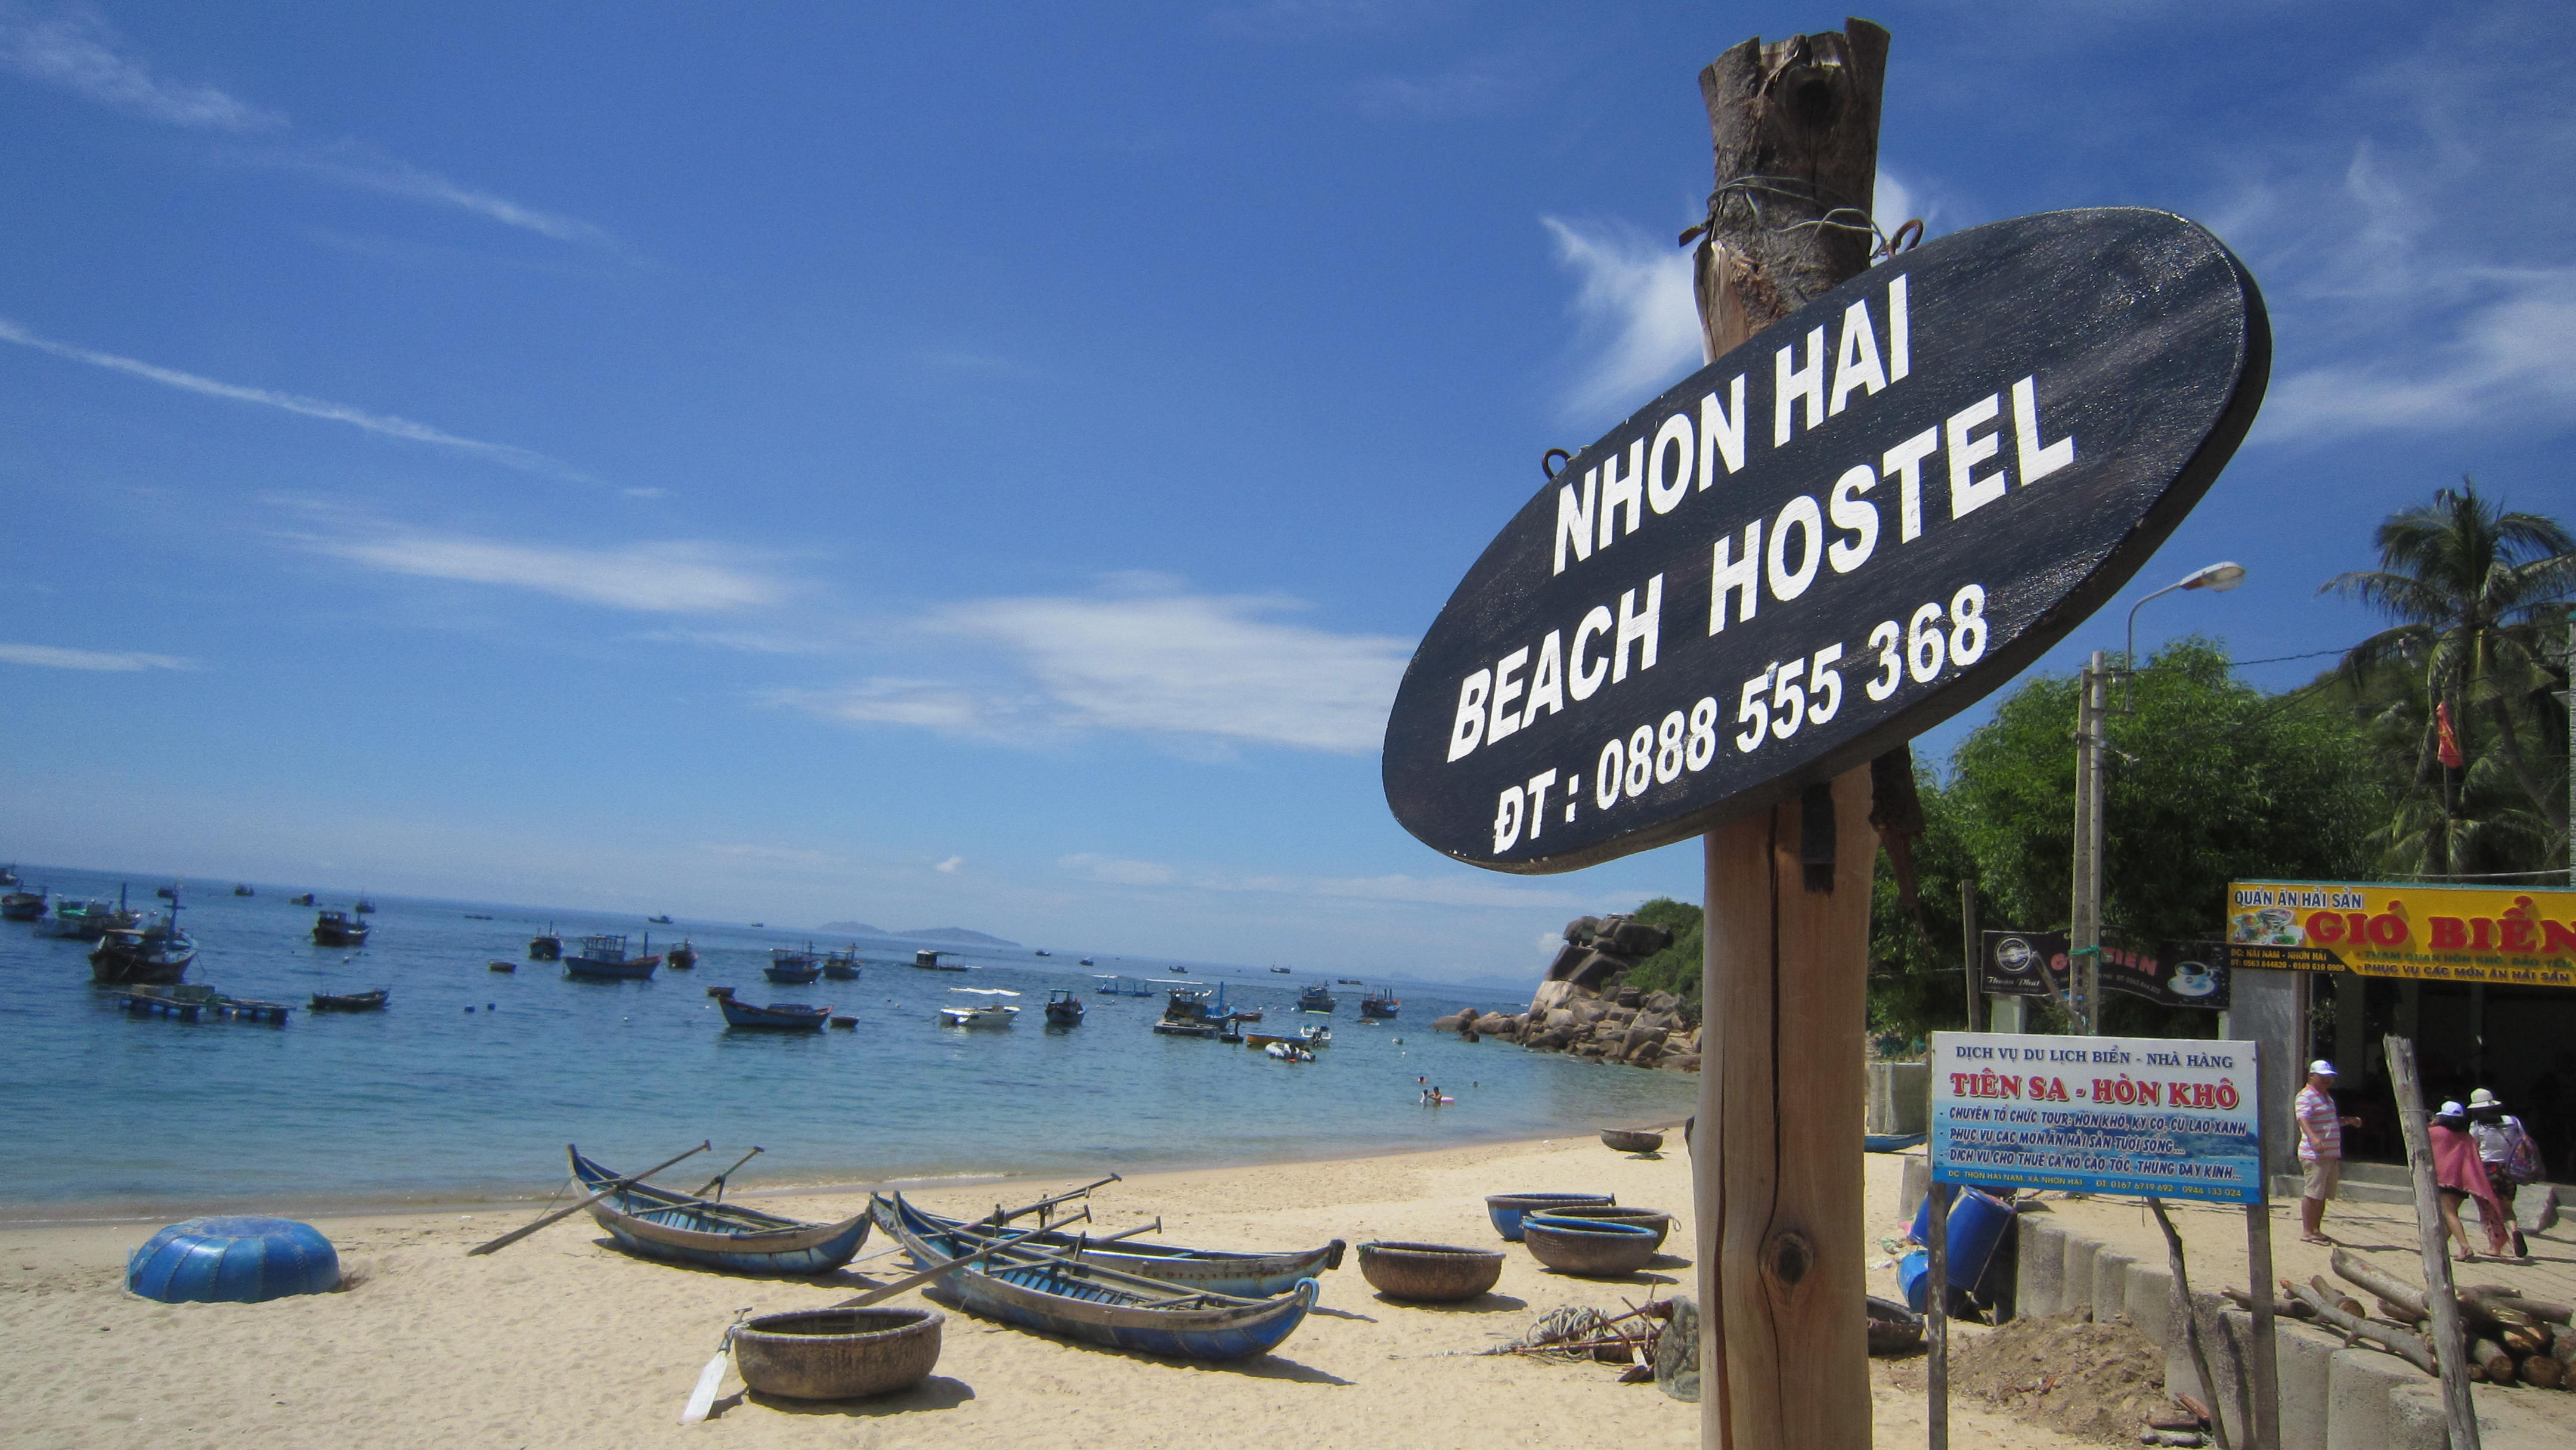 Tour du lịch Quy Nhơn - Tuy Hòa 4 ngày 3 đêm (Khởi hành tại Quy Nhơn)